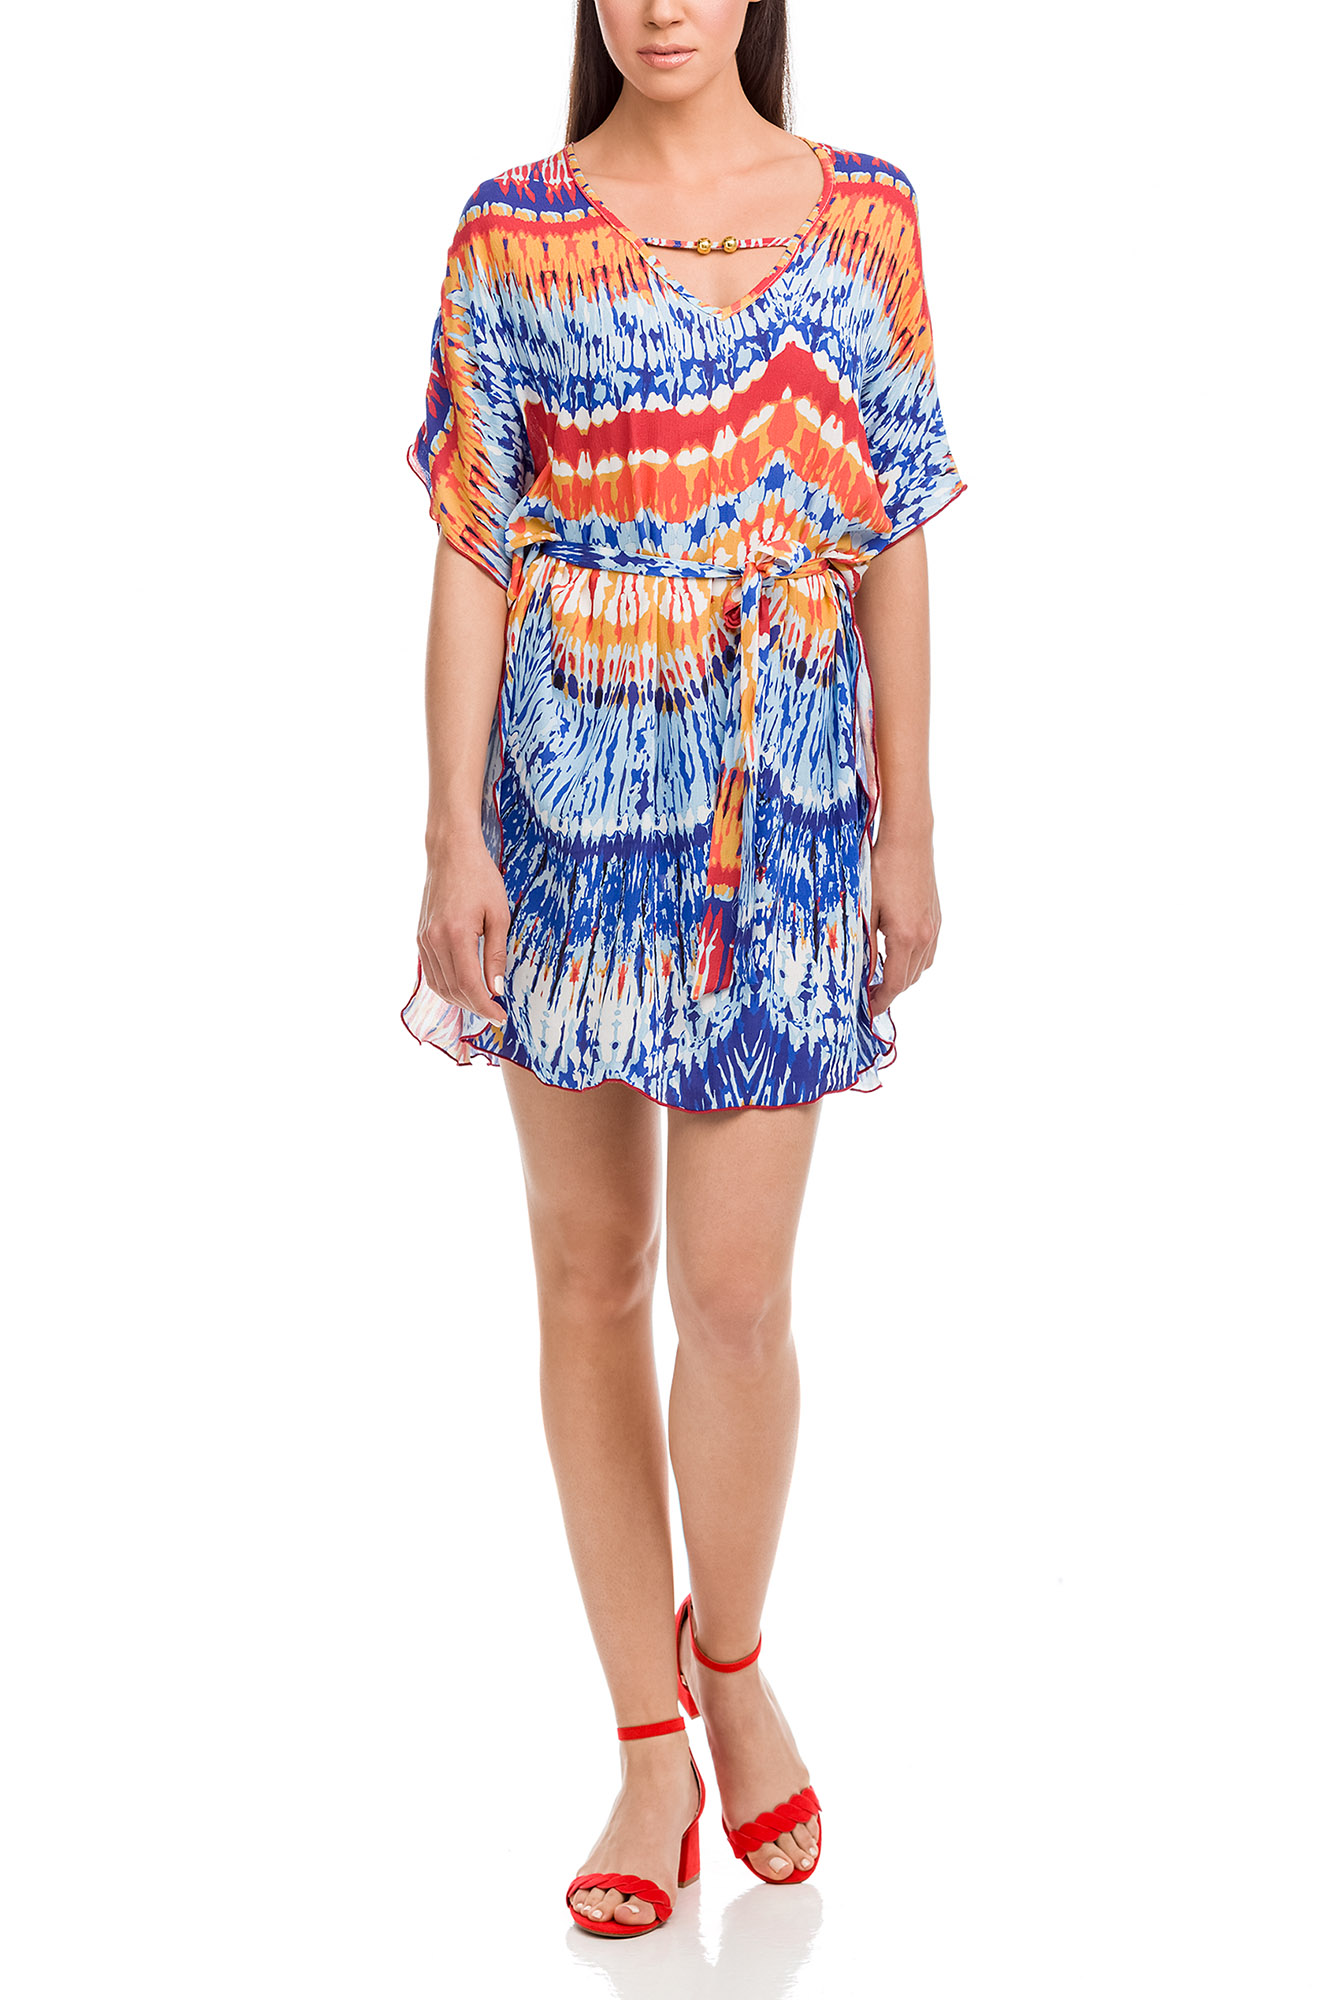 Vamp - Dámske šaty 12540 - Vamp blue palace xxl